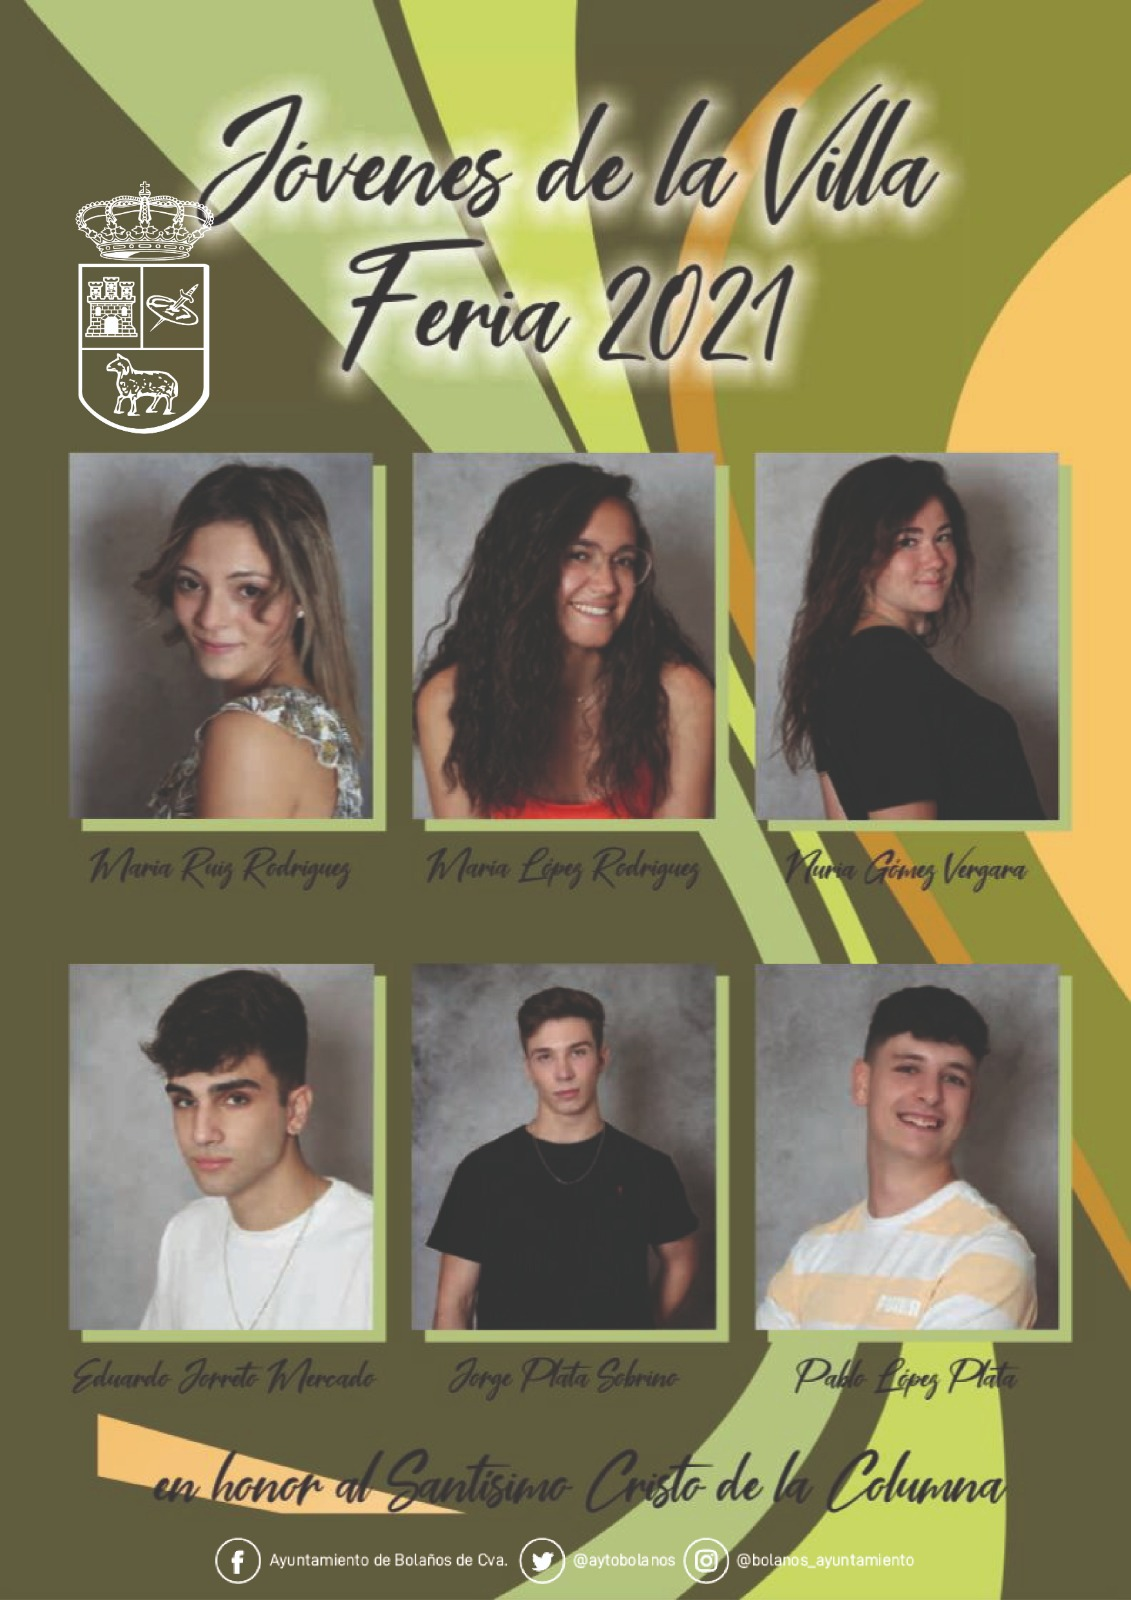 Jóvenes de la Villa Feria 2021